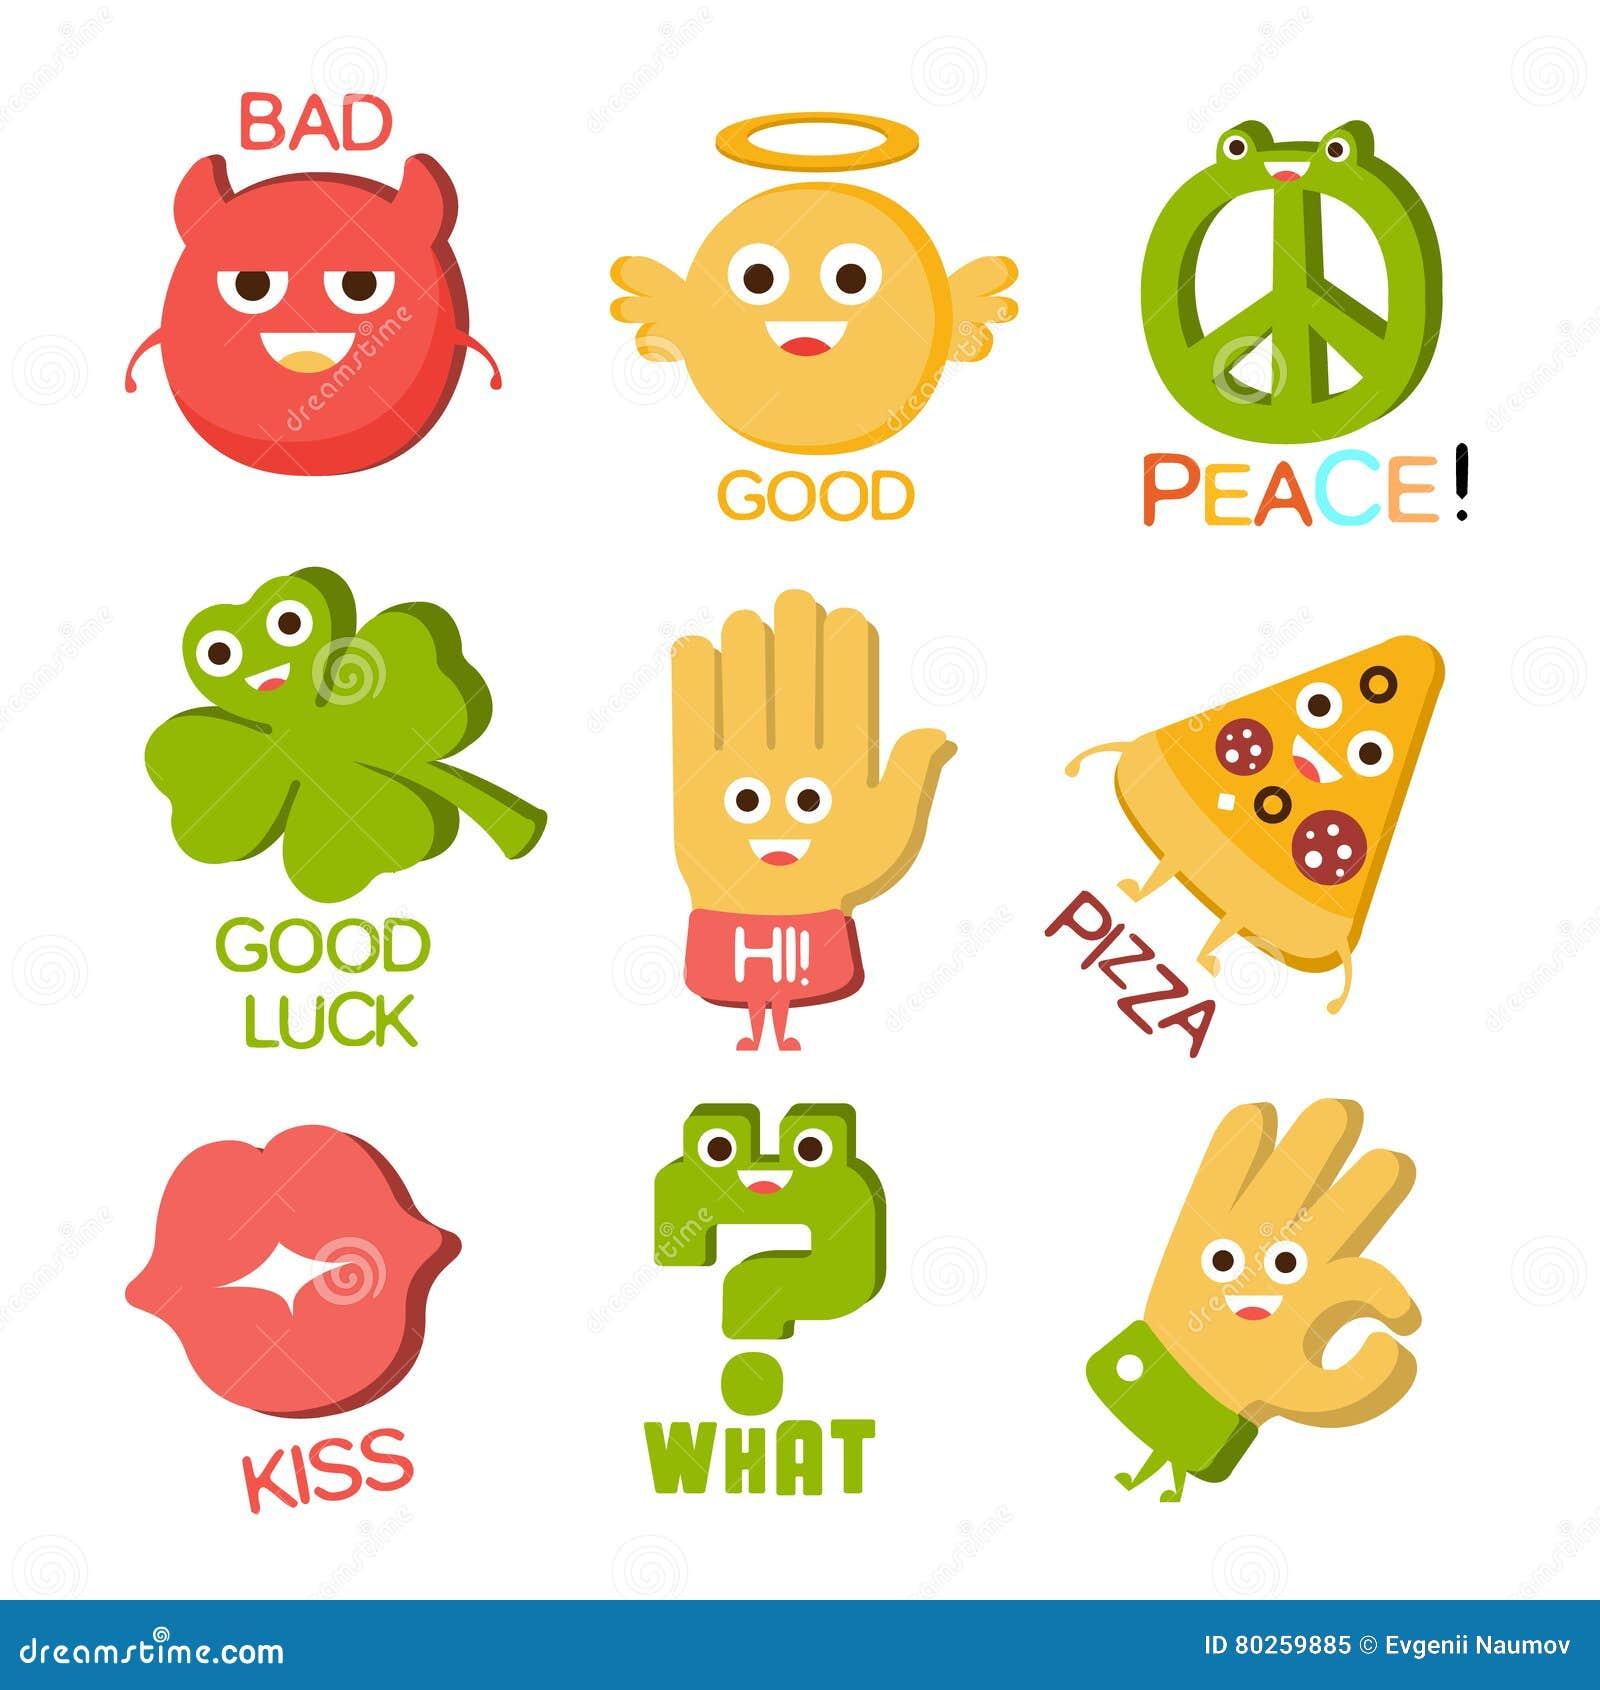 mots et illustrations correspondantes objets de personnage de dessin anim avec des yeux illustrant l